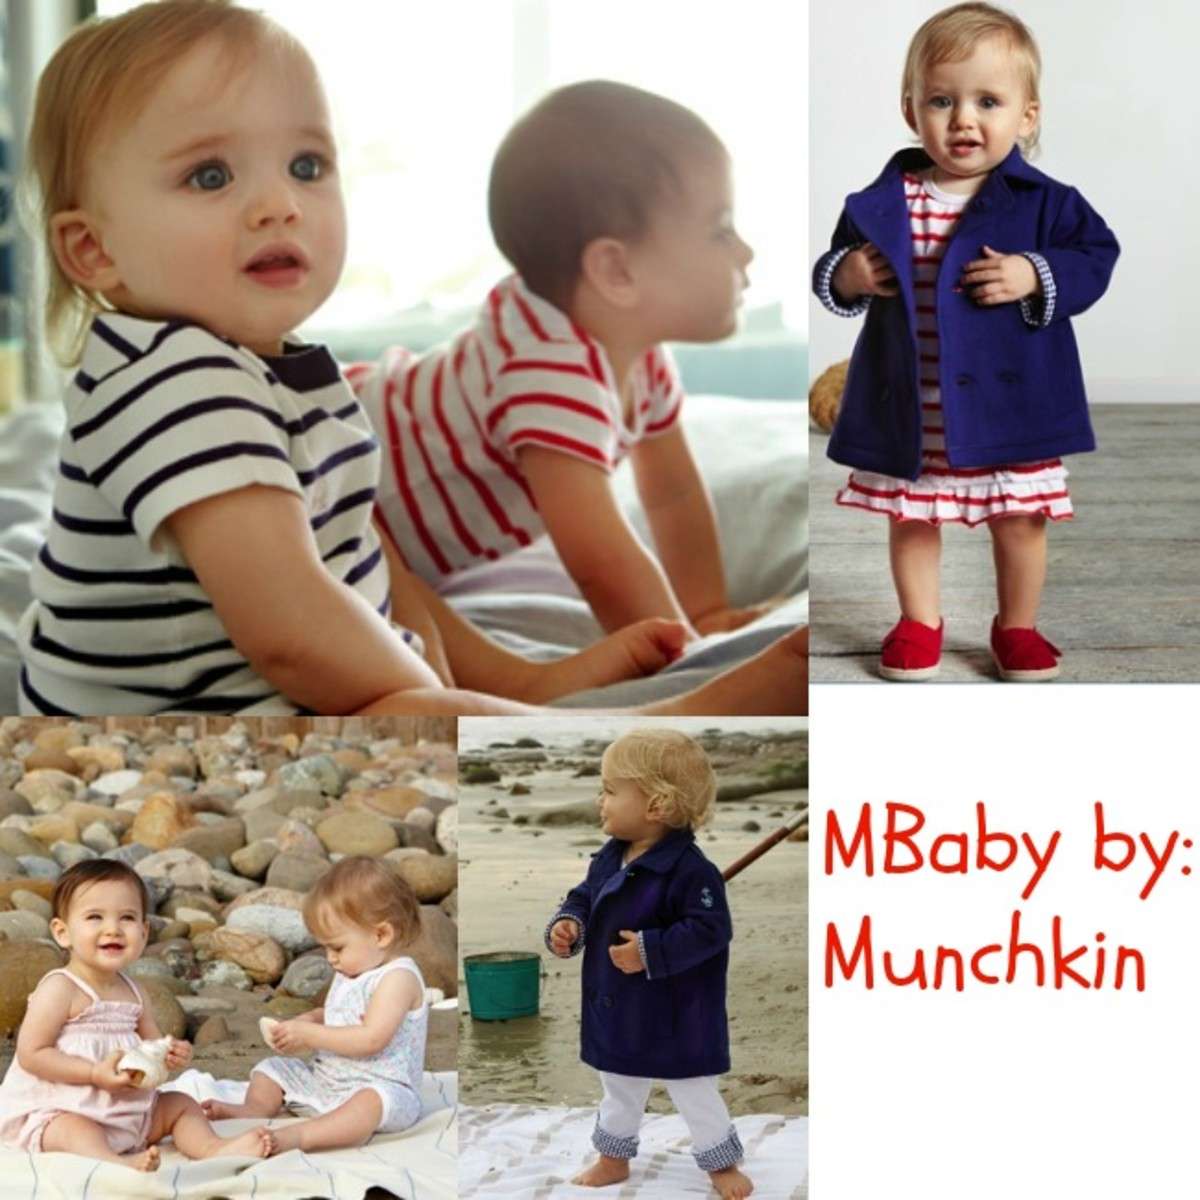 mbaby munchkin